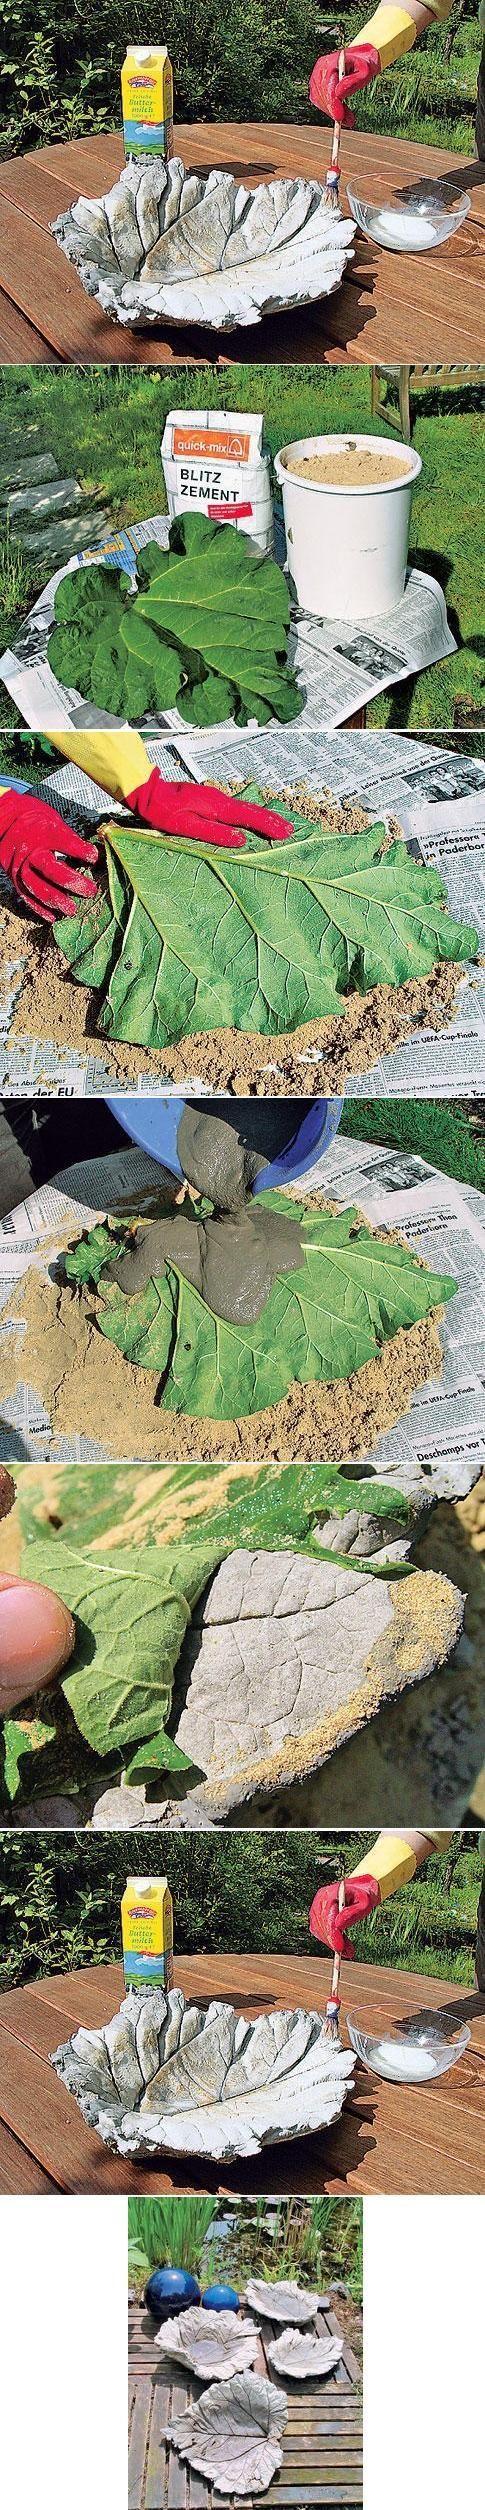 Vogeltränke aus Rhabarbeblatt in Beton gegossen: